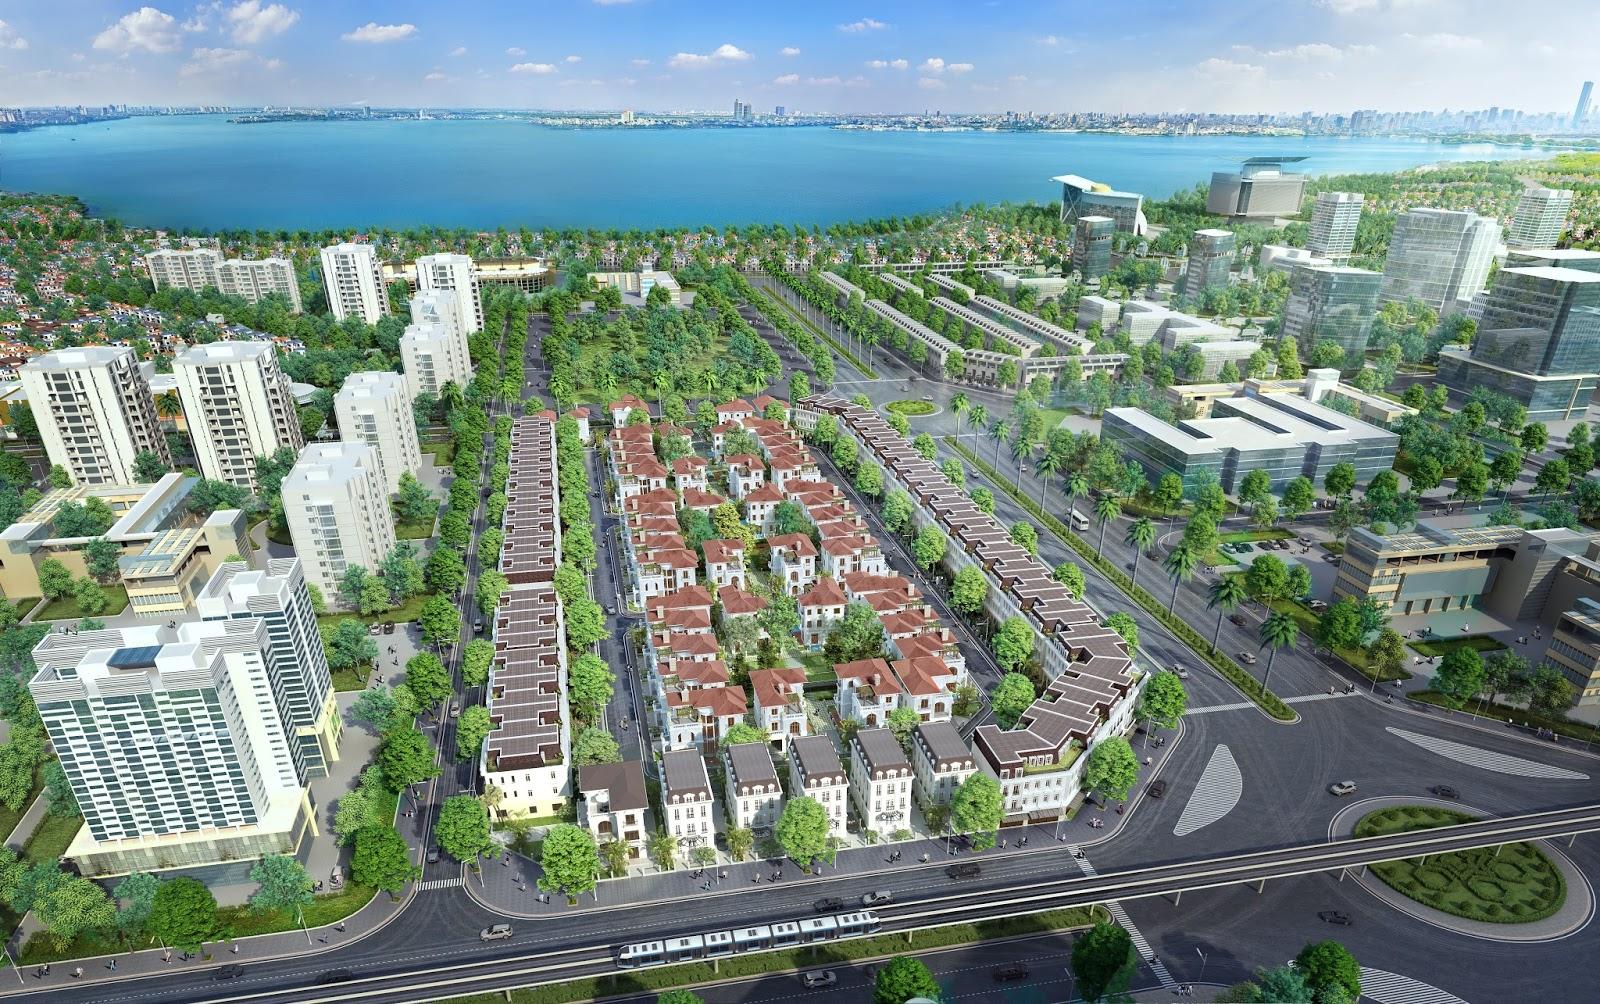 Vị trí là một yếu tố quyết định đến giá trị của Bất động sản (hình ảnh dự án Embassy Garden)